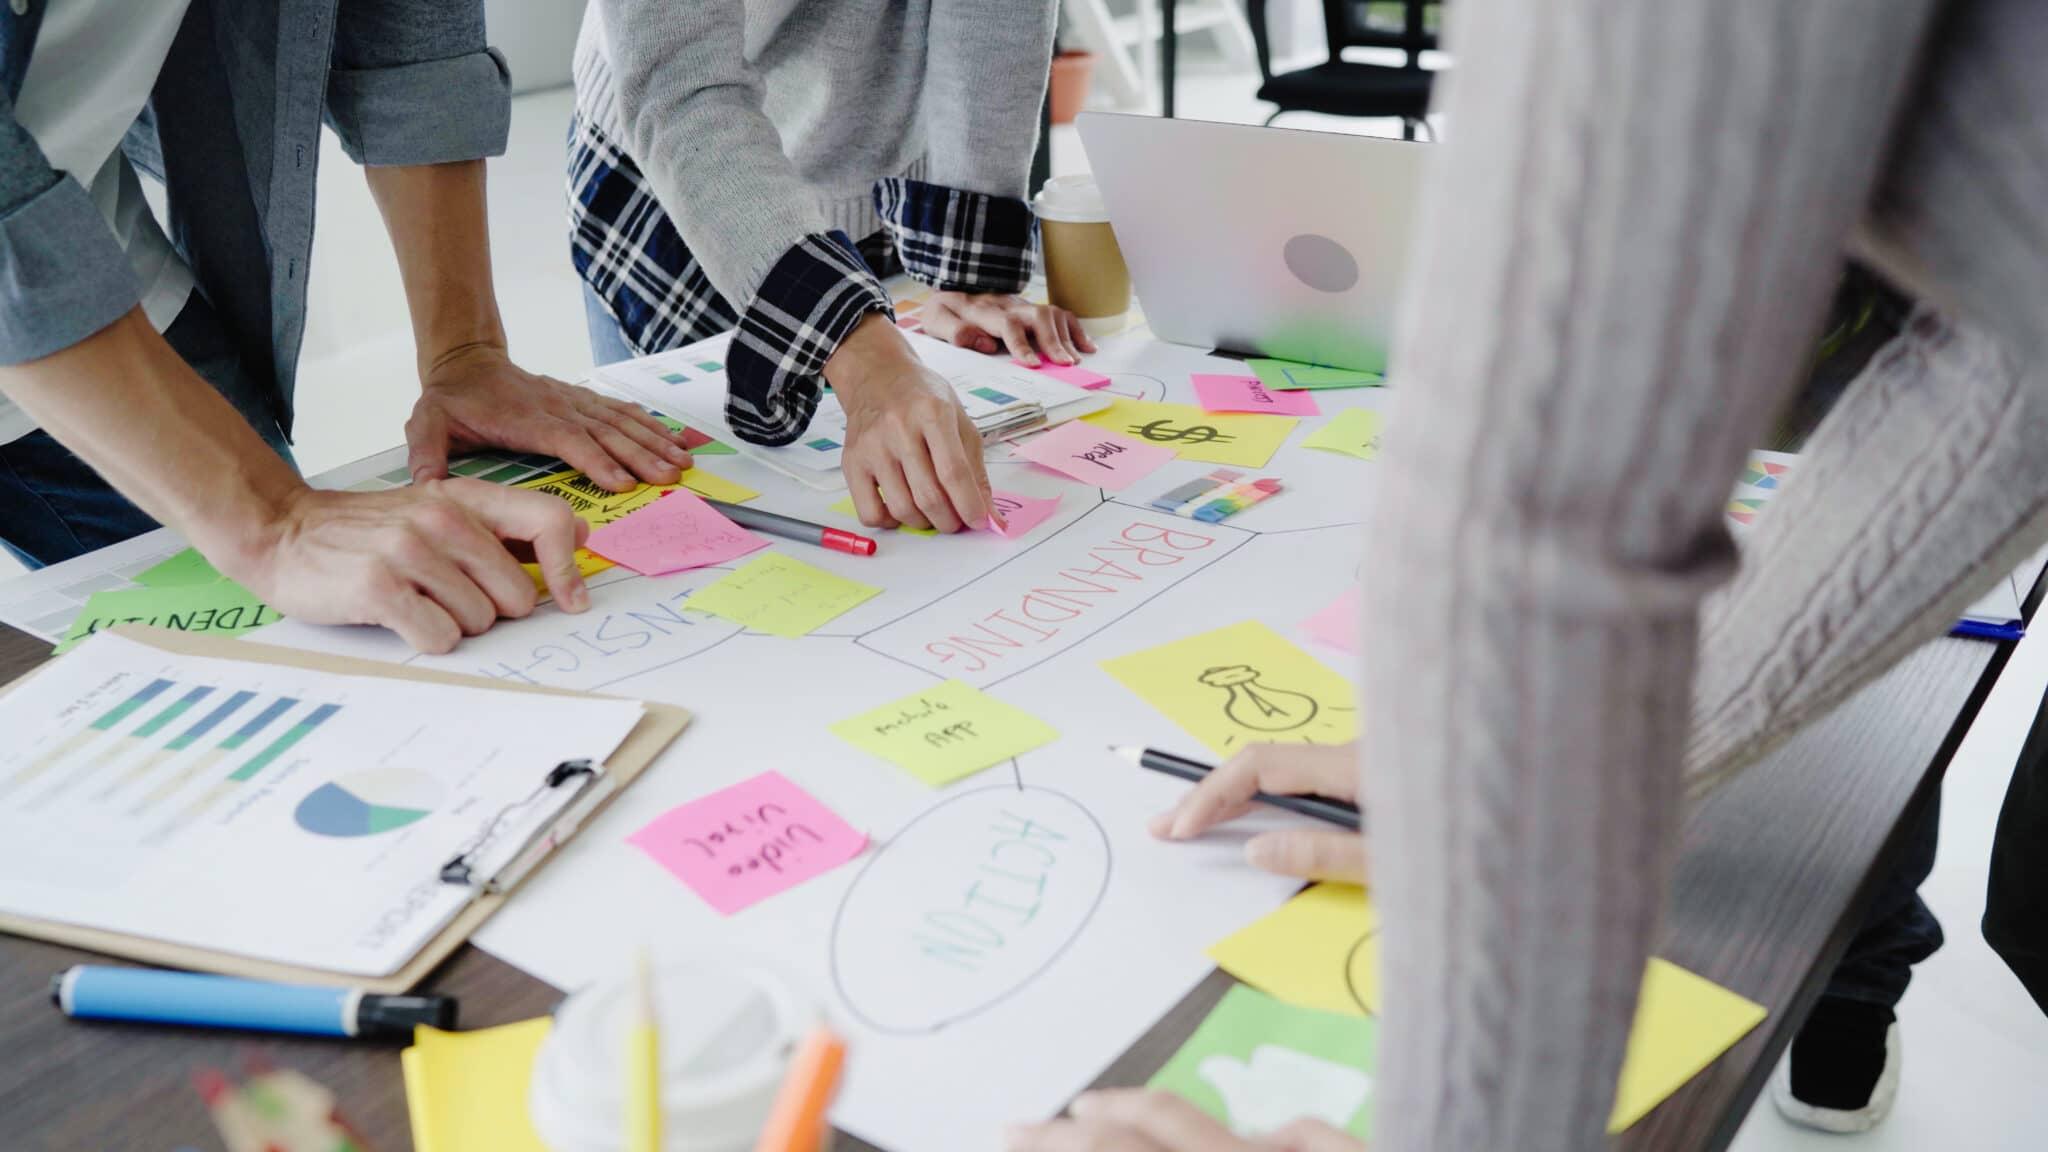 Groupe d'hommes d'affaires en tenue décontractée discutant d'idées au bureau. Des professionnels créatifs réunis autour d'une table de réunion pour discuter des questions importantes du nouveau projet de démarrage réussi.